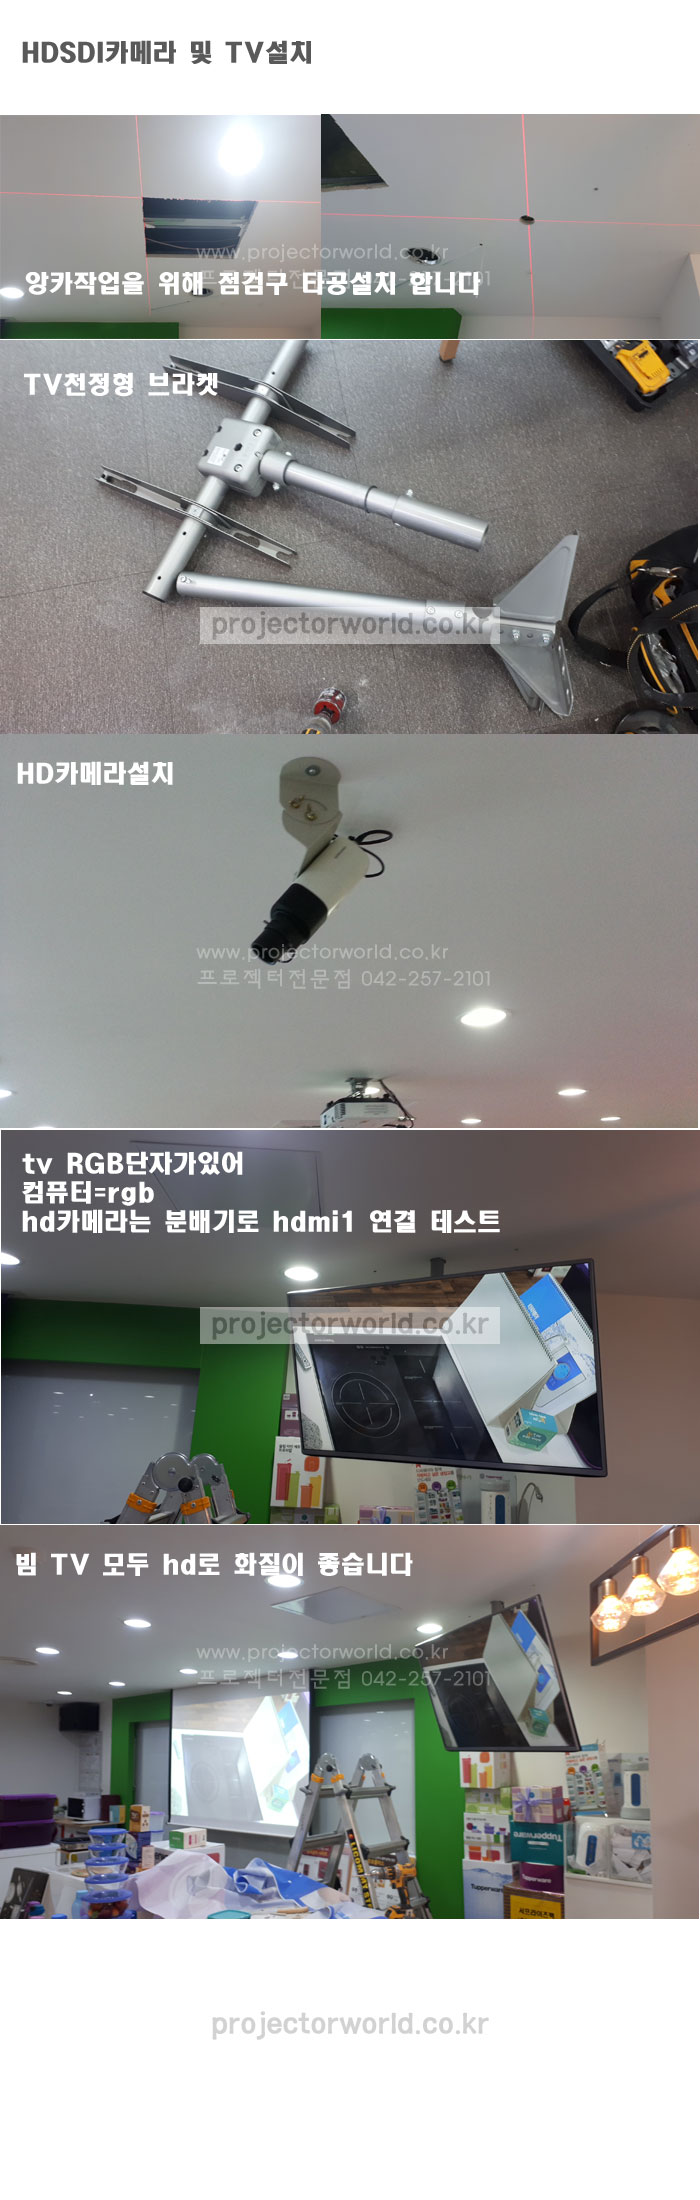 tv카메라,tv천정설치및 브라켓시공,hd카메라,대전프로젝터카메라설치,5000안시빔,